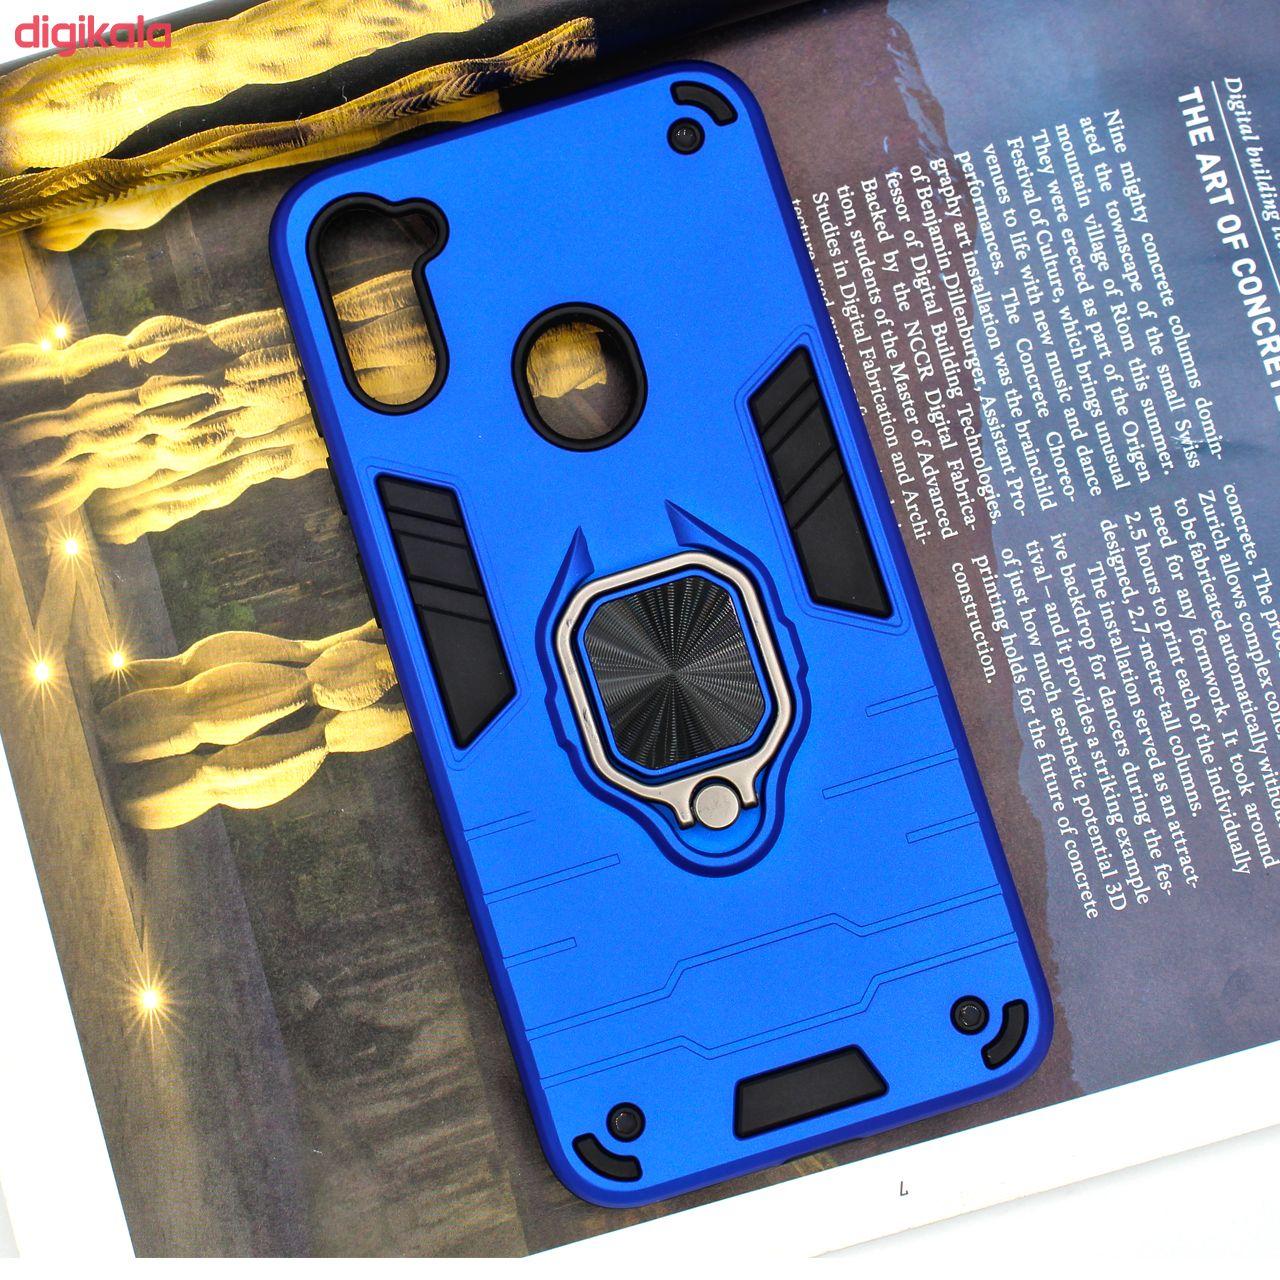 کاور کینگ پاور مدل ASH22 مناسب برای گوشی موبایل سامسونگ Galaxy A11 main 1 7